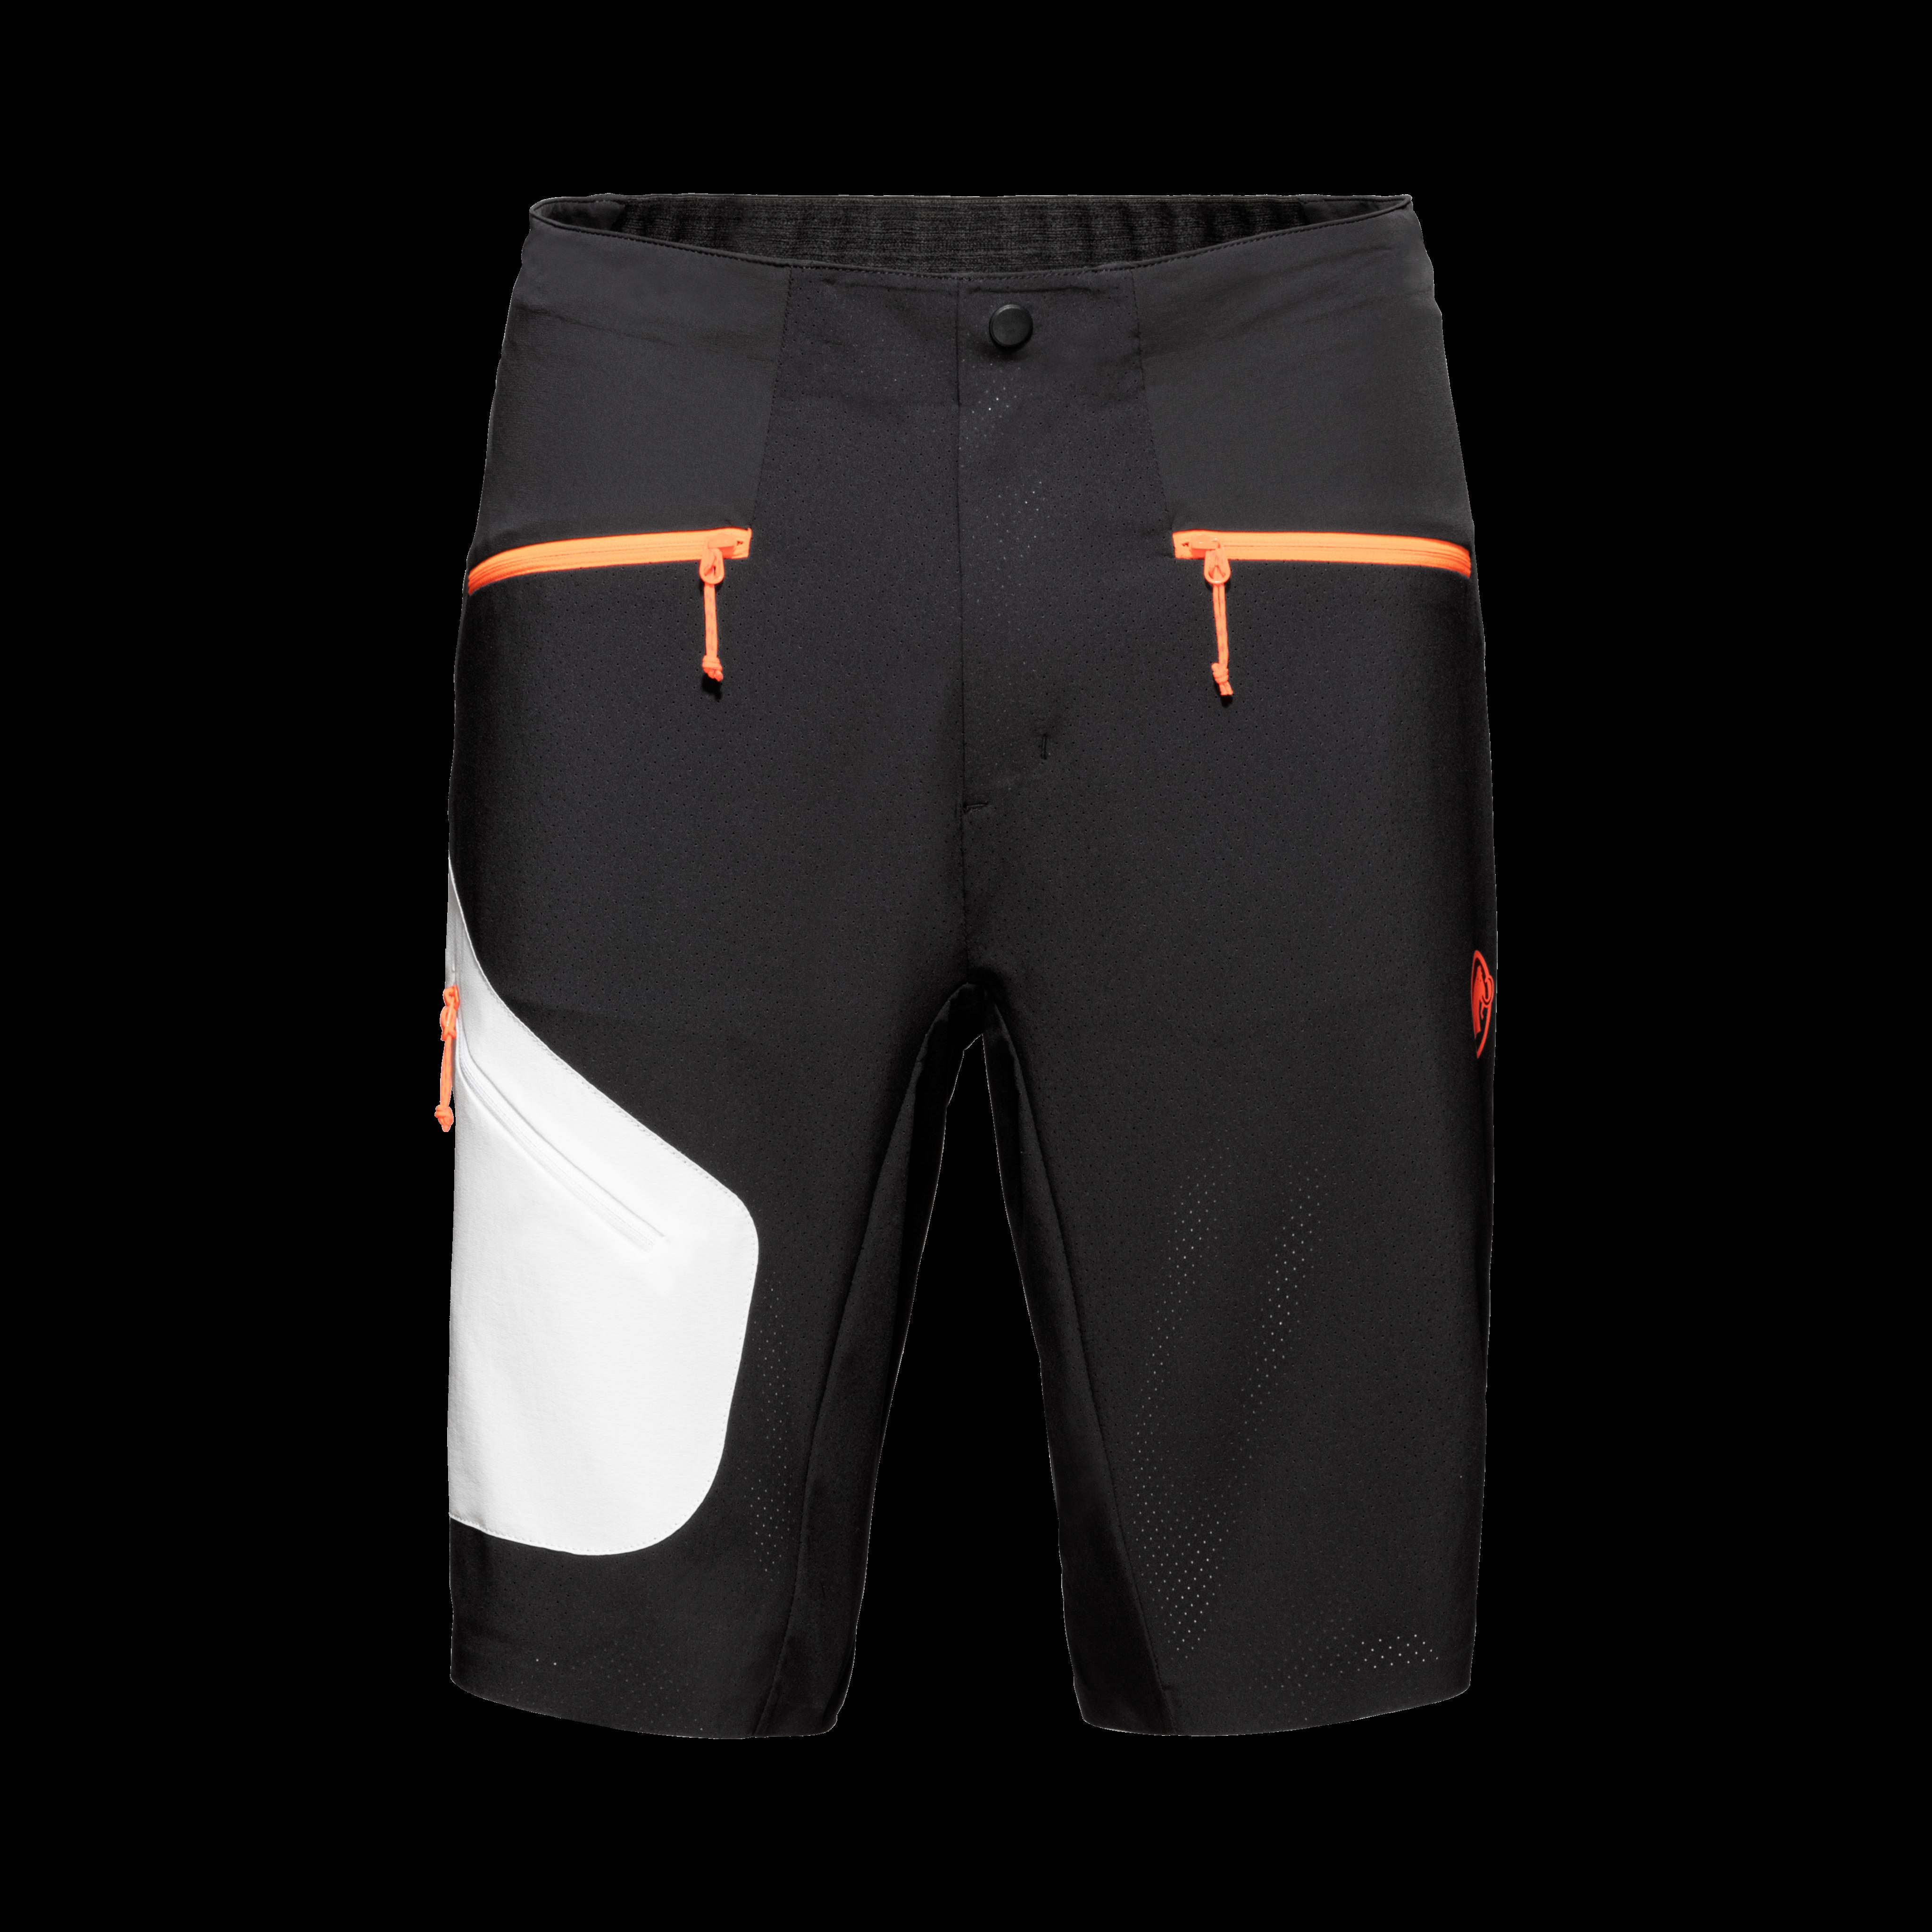 Sertig Shorts Men - black-white-vibrant orange, UK 28 thumbnail